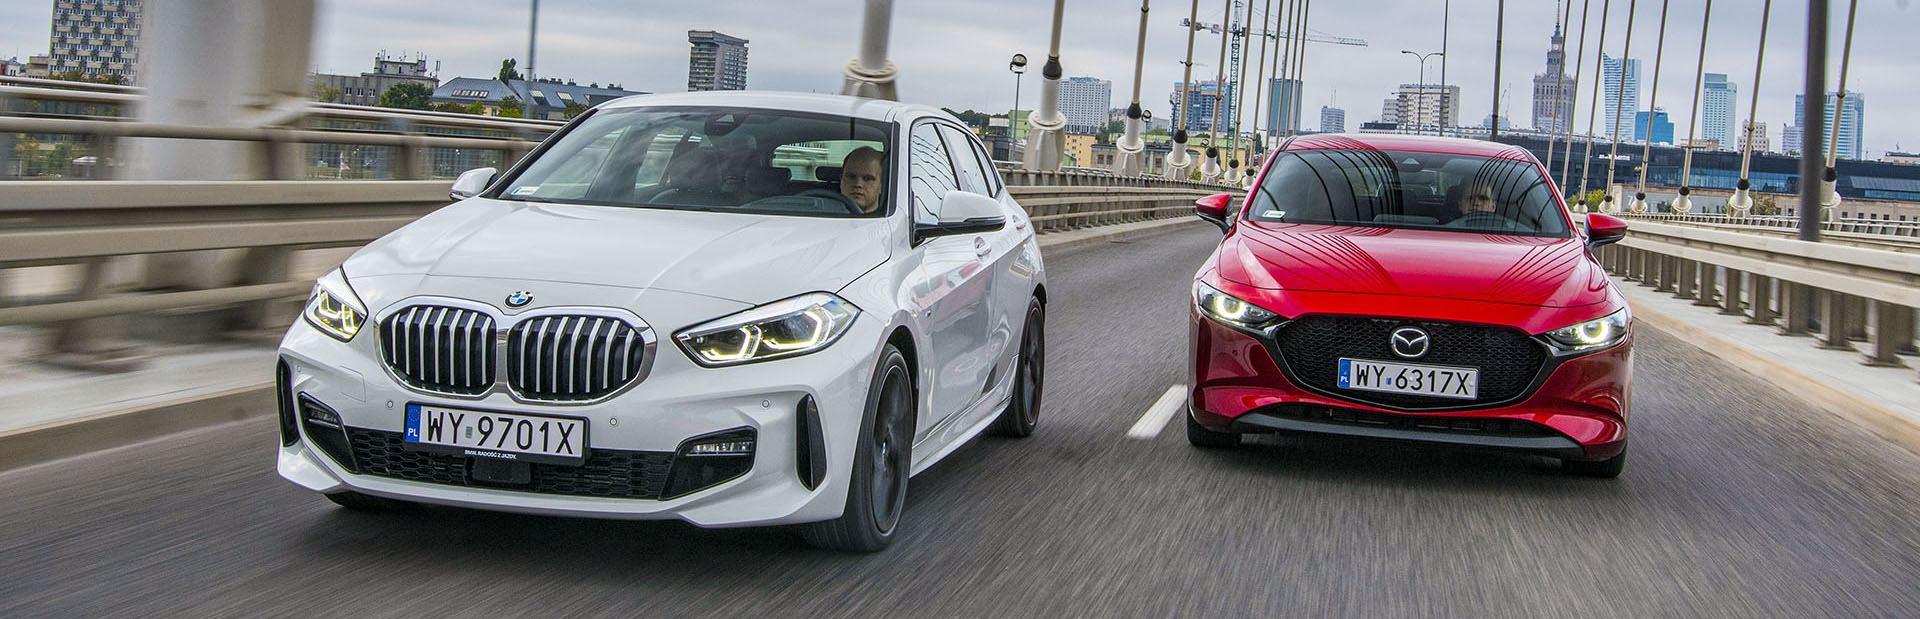 BMW serii 1, Mazda 3 - przody – PORÓWNANIE BMW 118i, Mazda 3 – opinie, spalanie, wymiary, dane techniczne